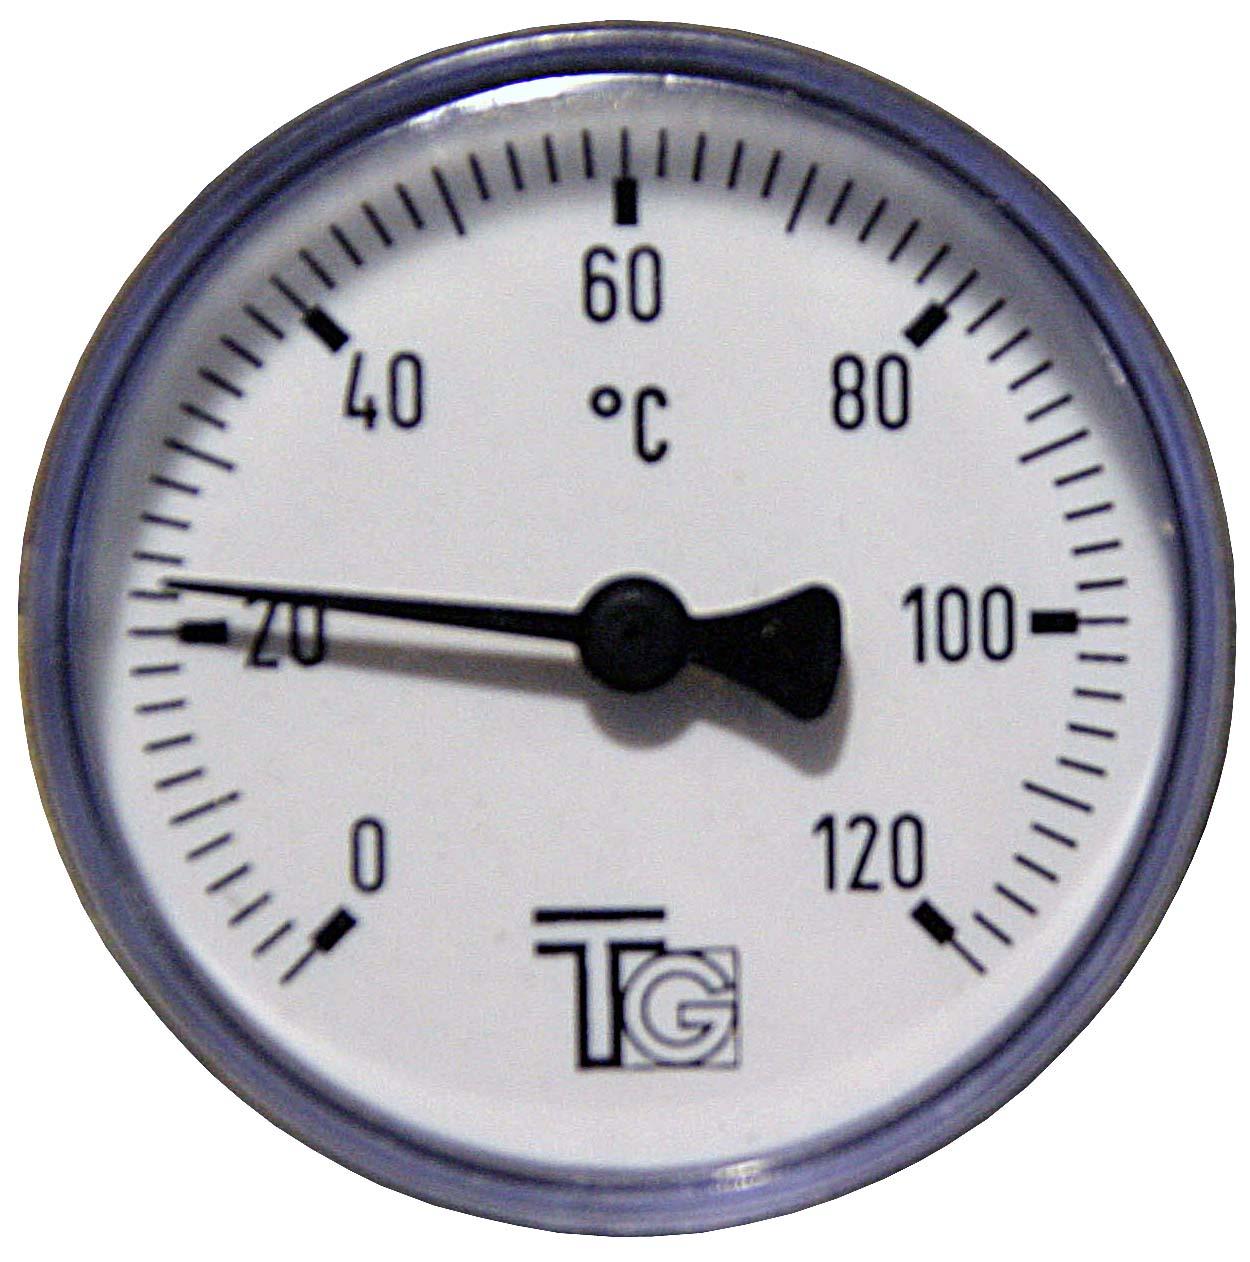 """Teploměr d=63 s jímkou l= 40 1/2"""", zadní, 0-120°C"""